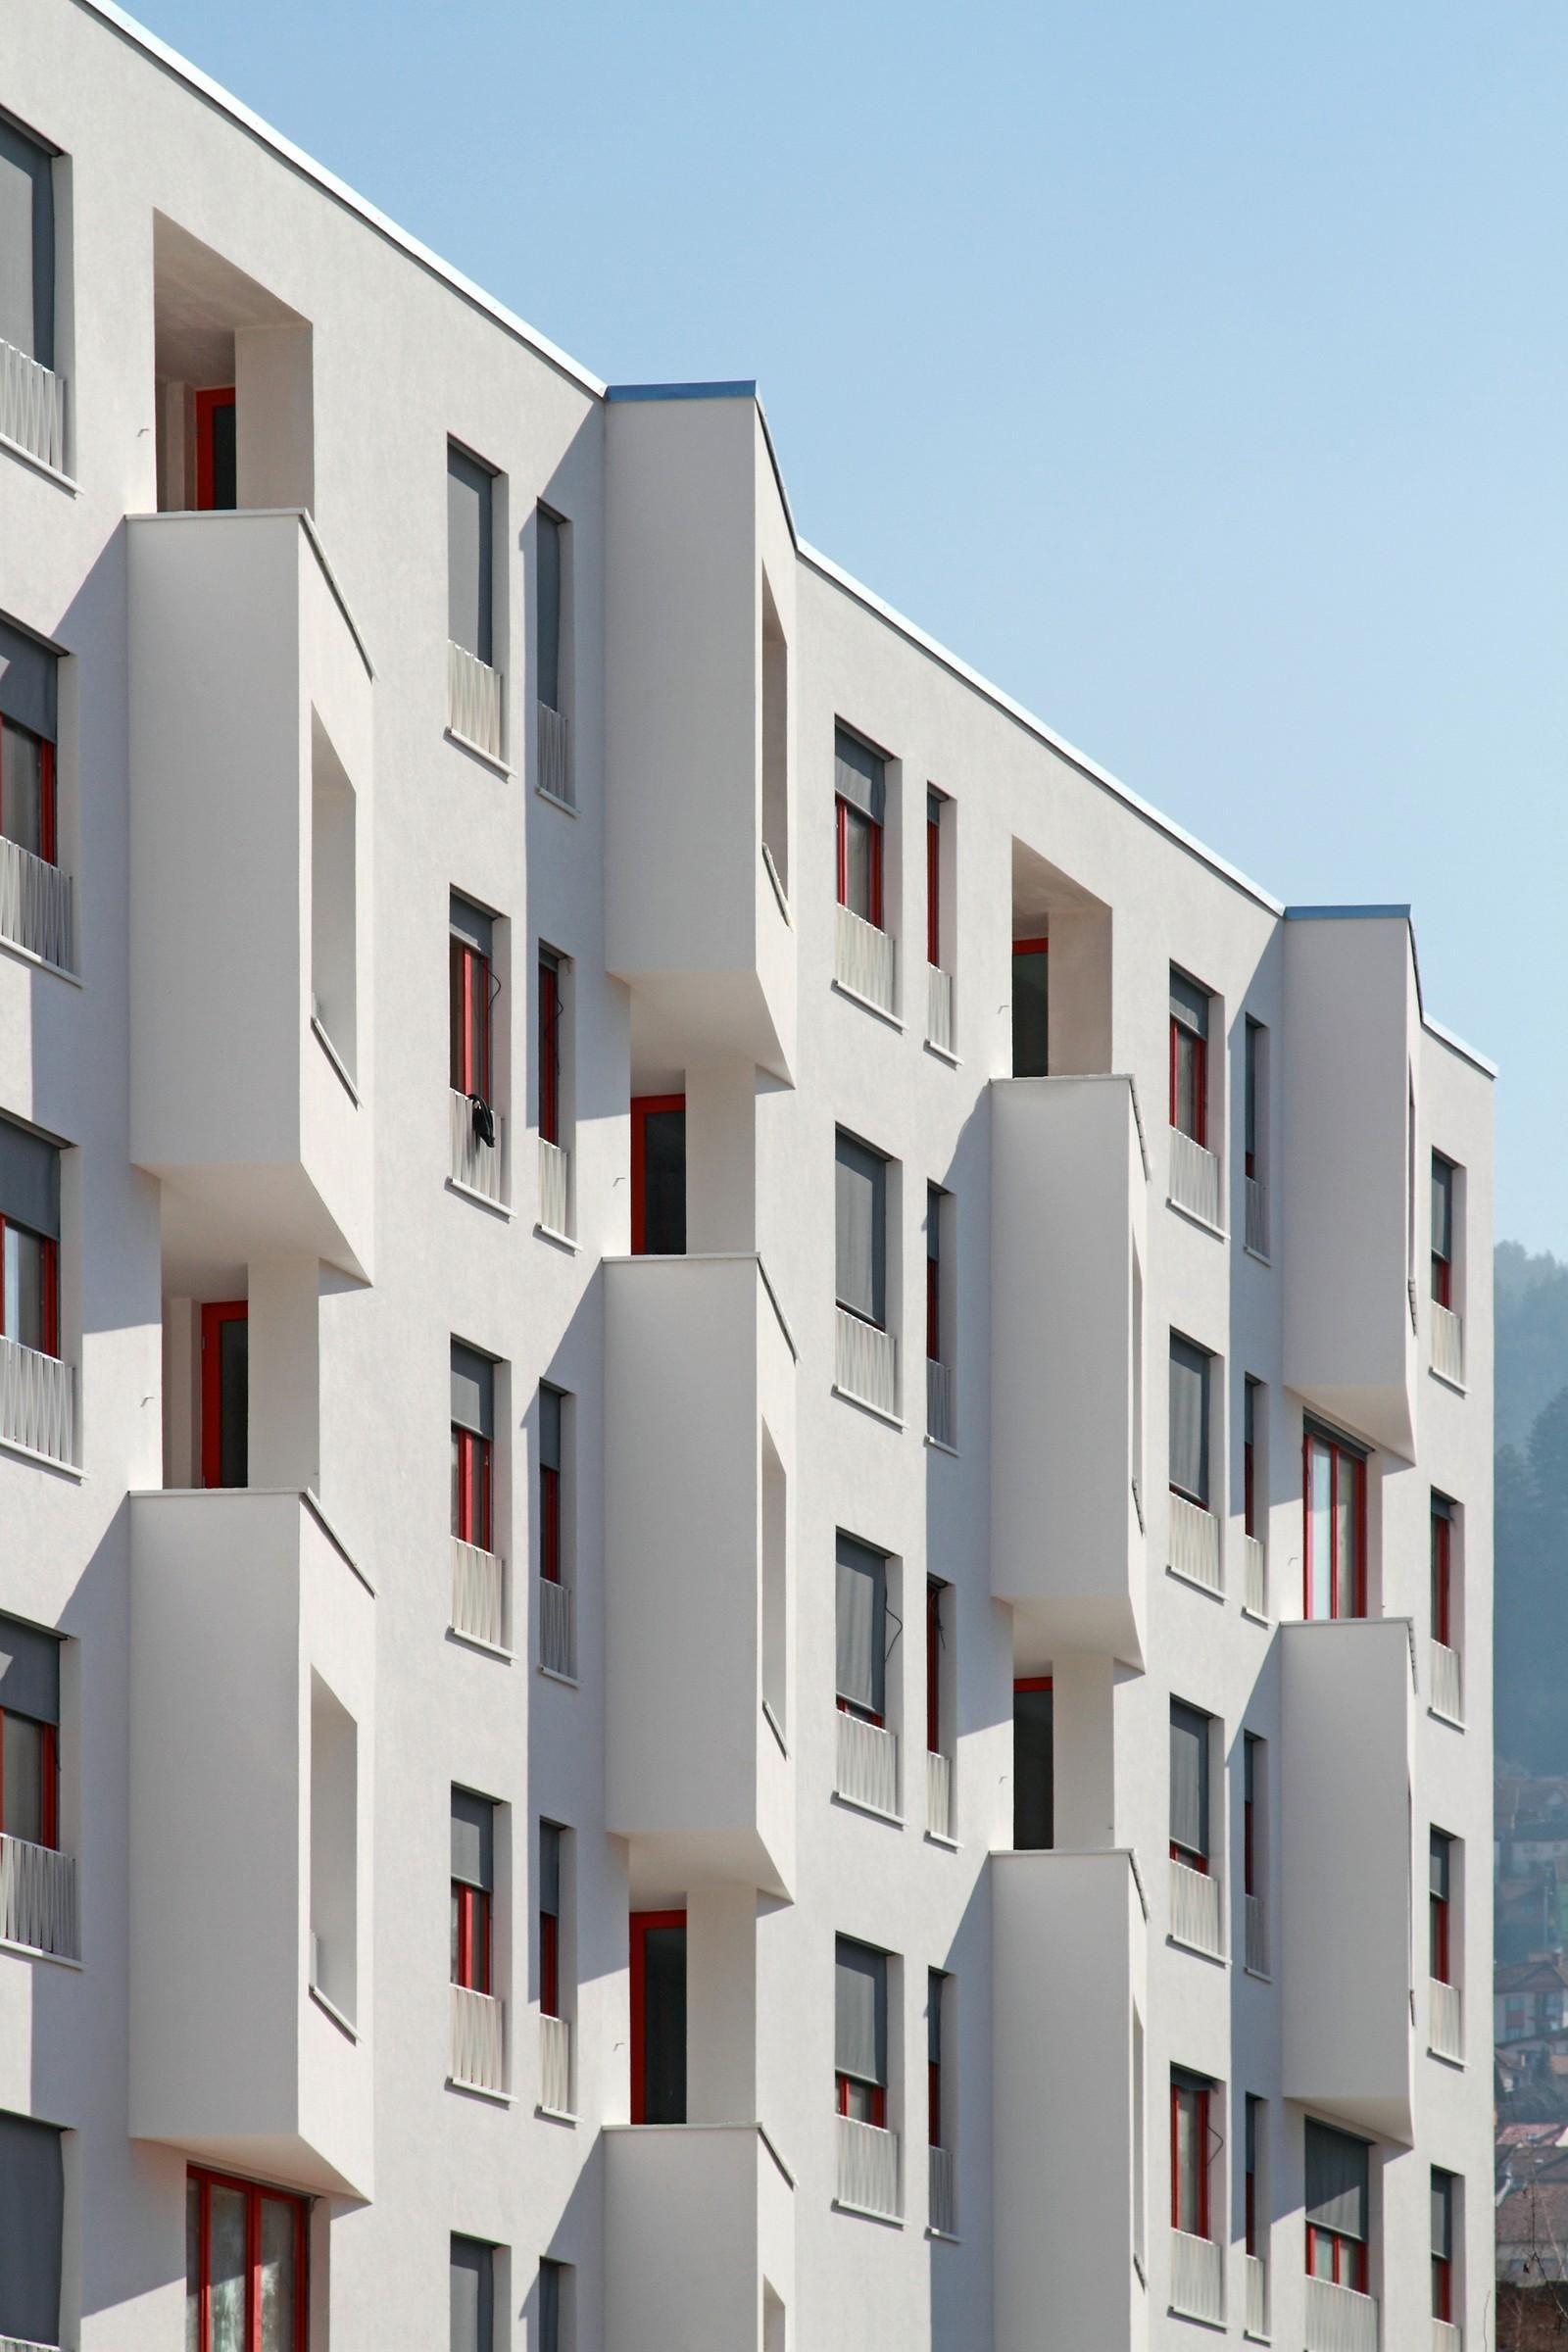 Dvor housing by ahaknap saaha